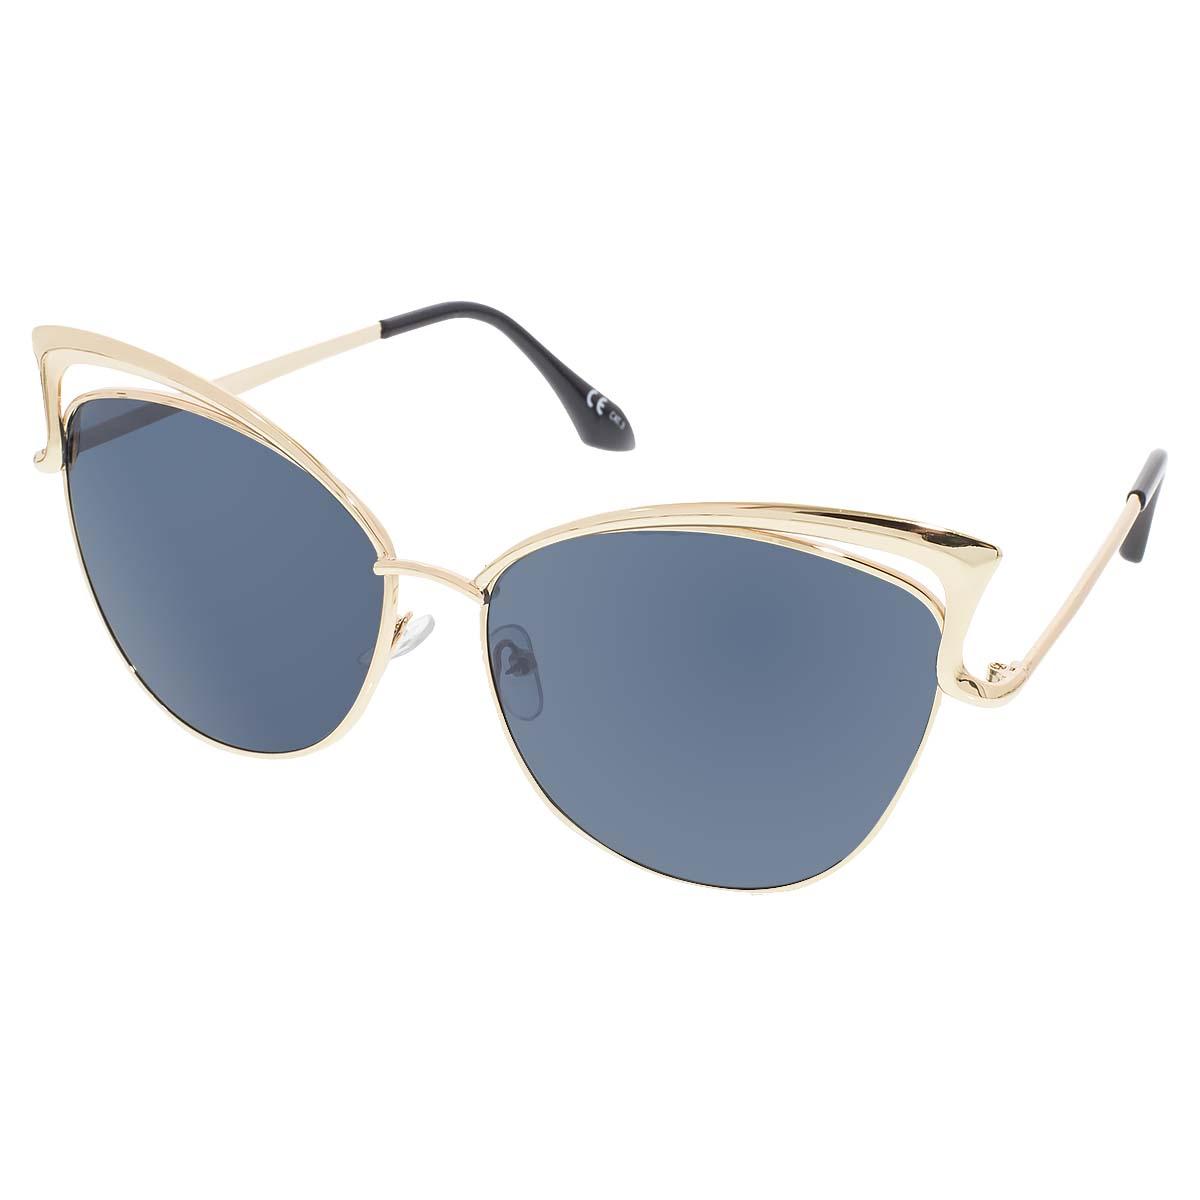 Dámské sluneční brýle Relic zlaté obroučky černá skla